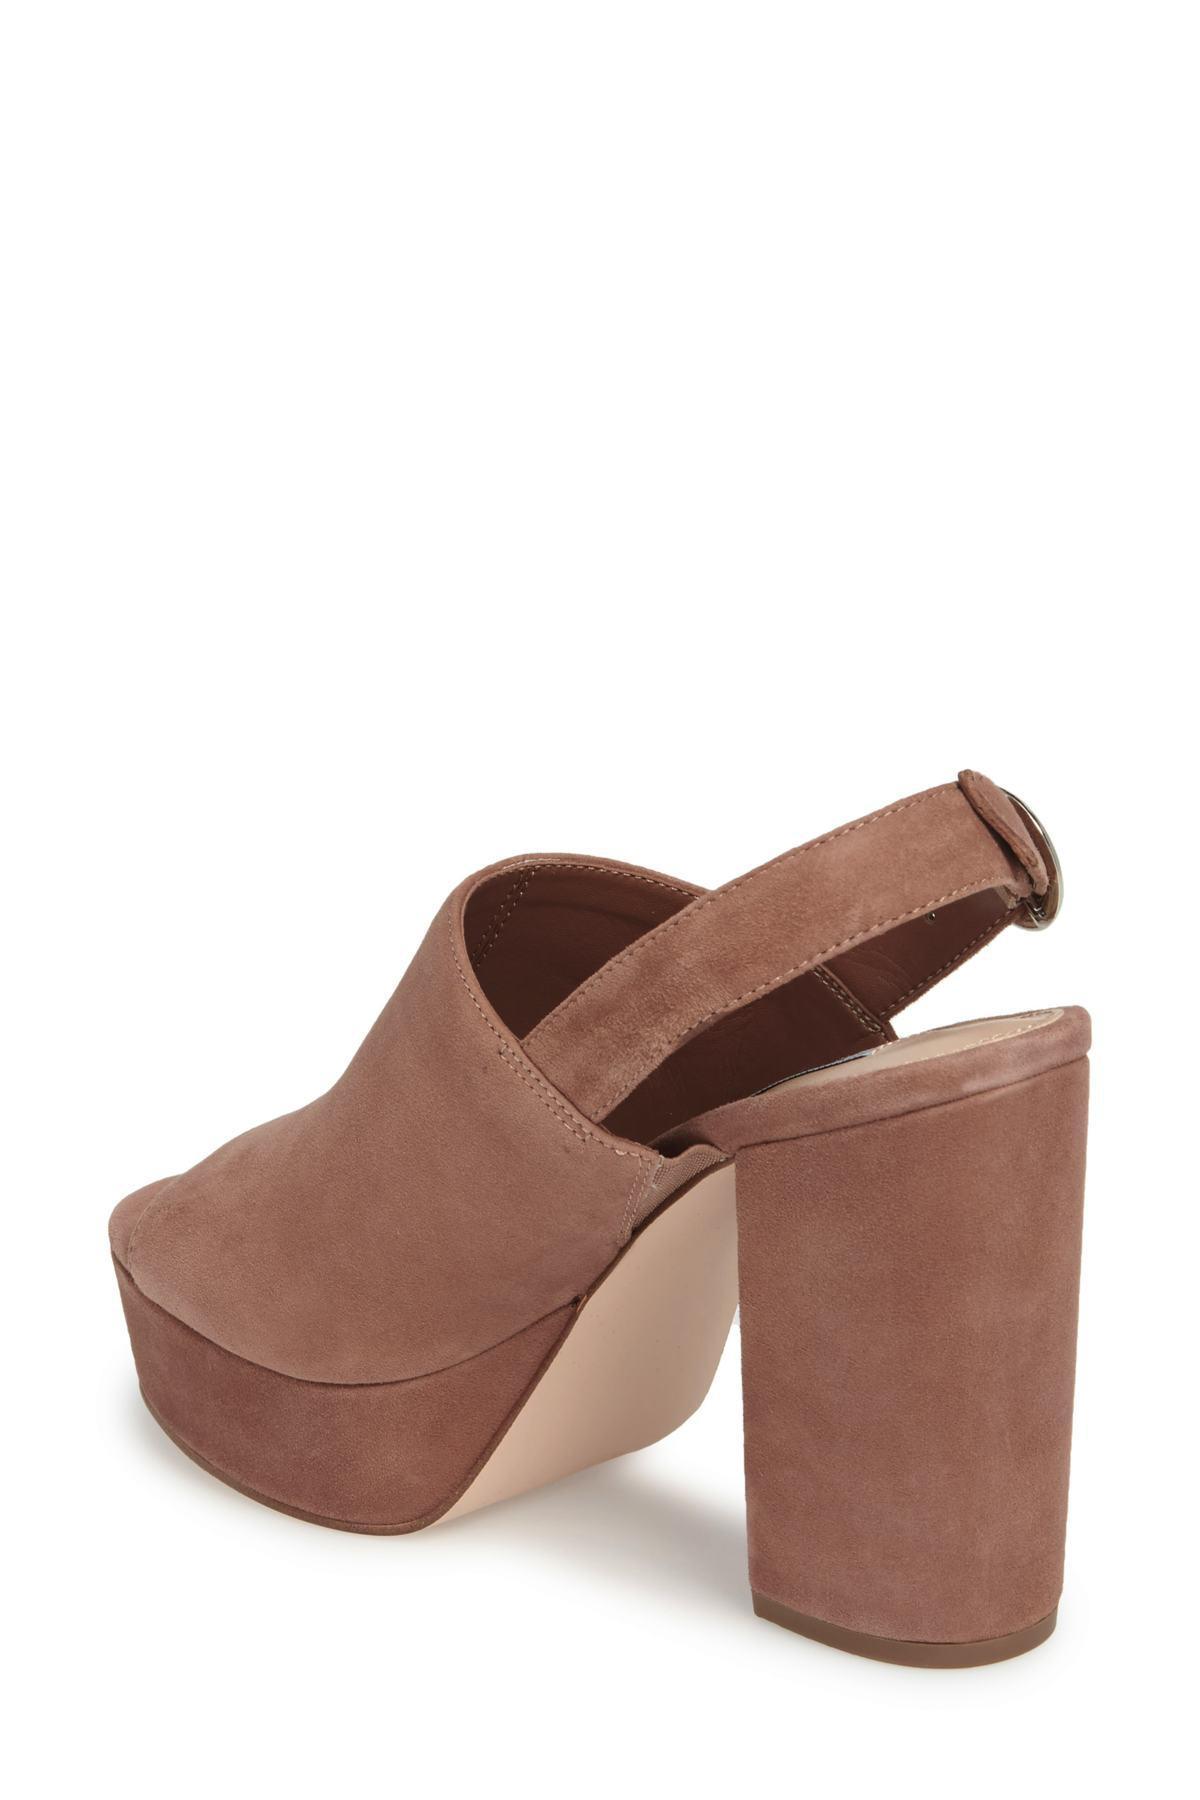 7156b2443157 Steve Madden - Brown Carter Slingback Platform Sandal (women) - Lyst. View  fullscreen